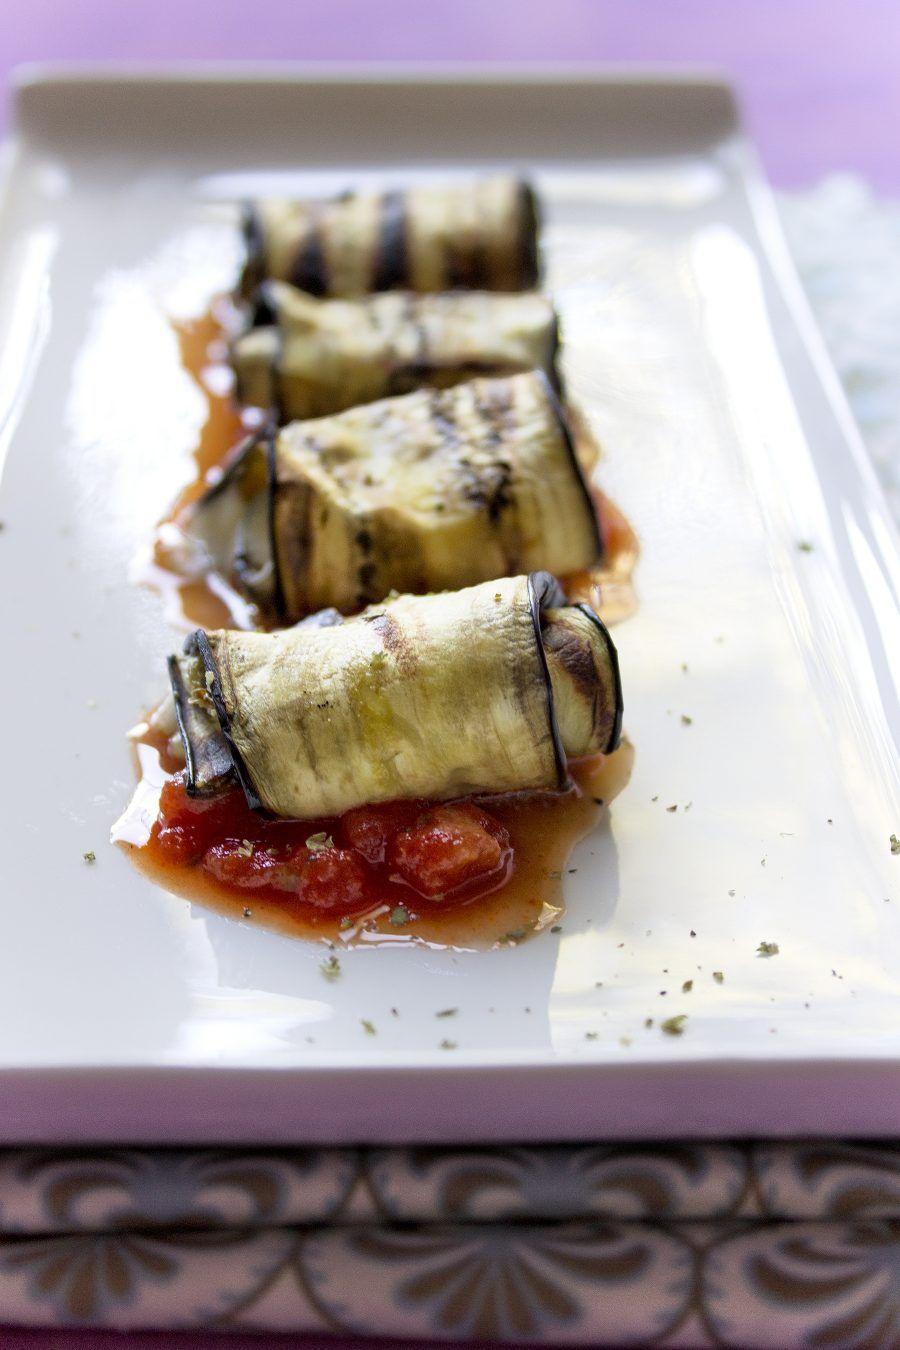 involtini-di-melanzana-alla-parmigiana-leggera-5-contemporaneo-food